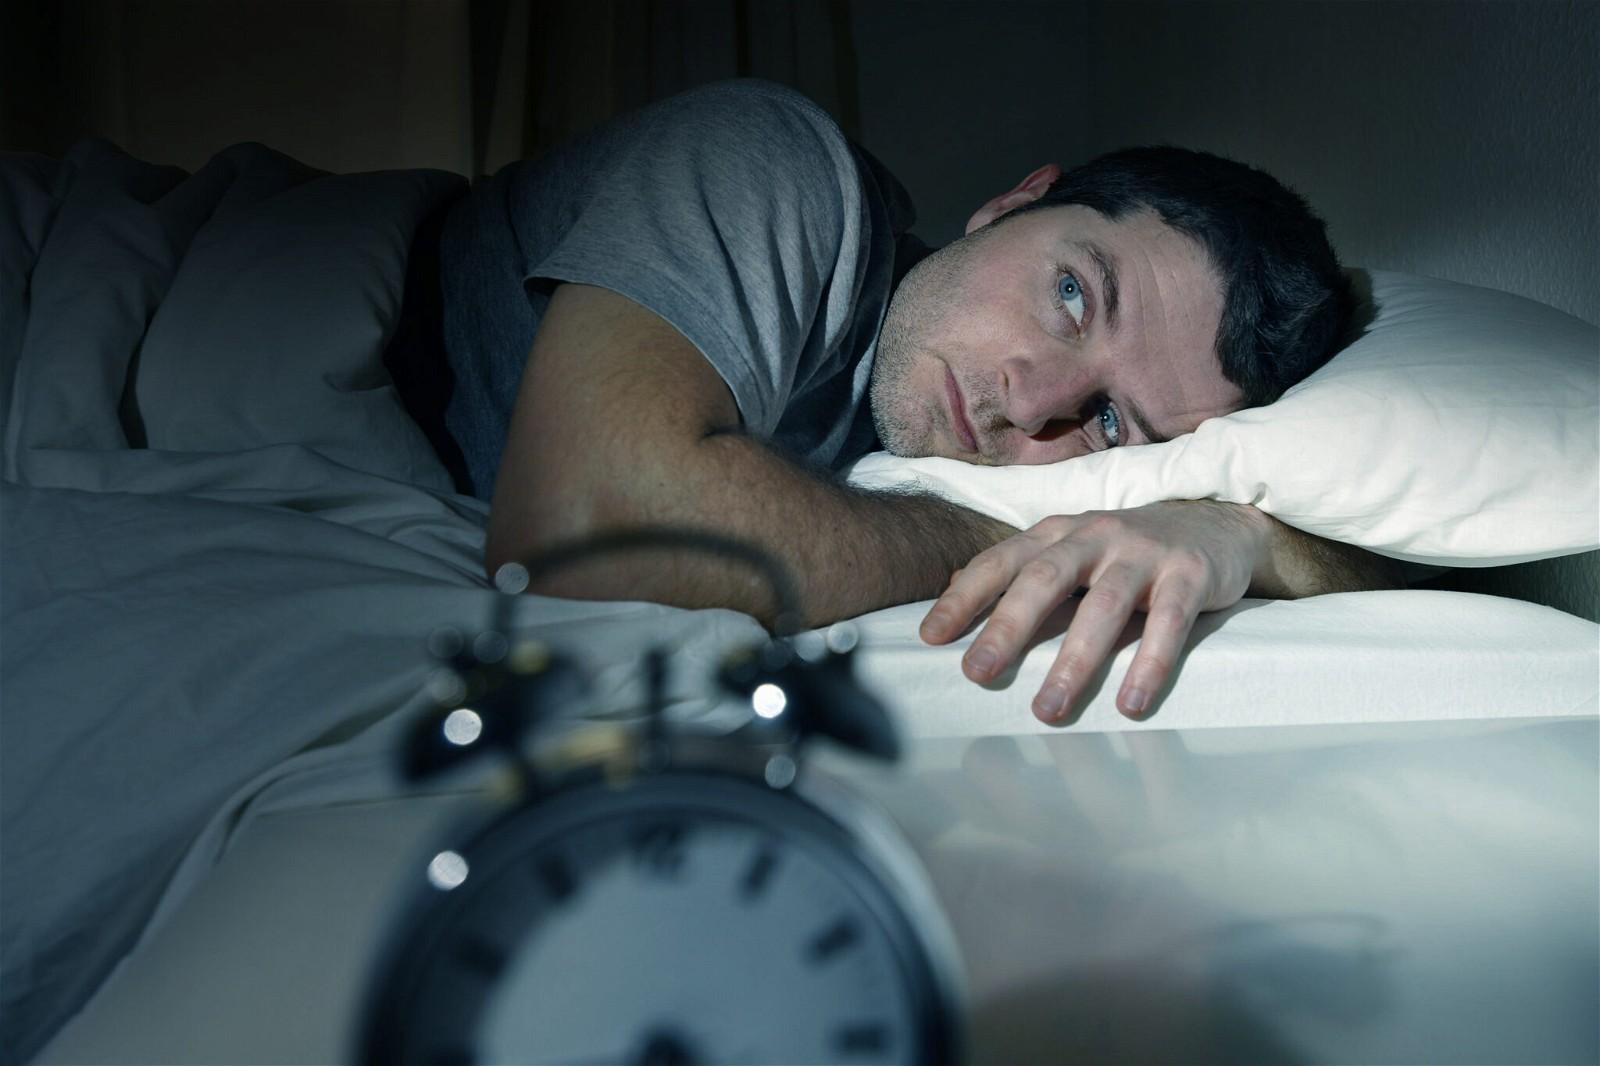 Non - benzodiazepines được sử dụng để điều trị chứng mất ngủ bao gồm zaleplon, eszopiclone, zolpidem và zolpidem phóng thích kéo dài